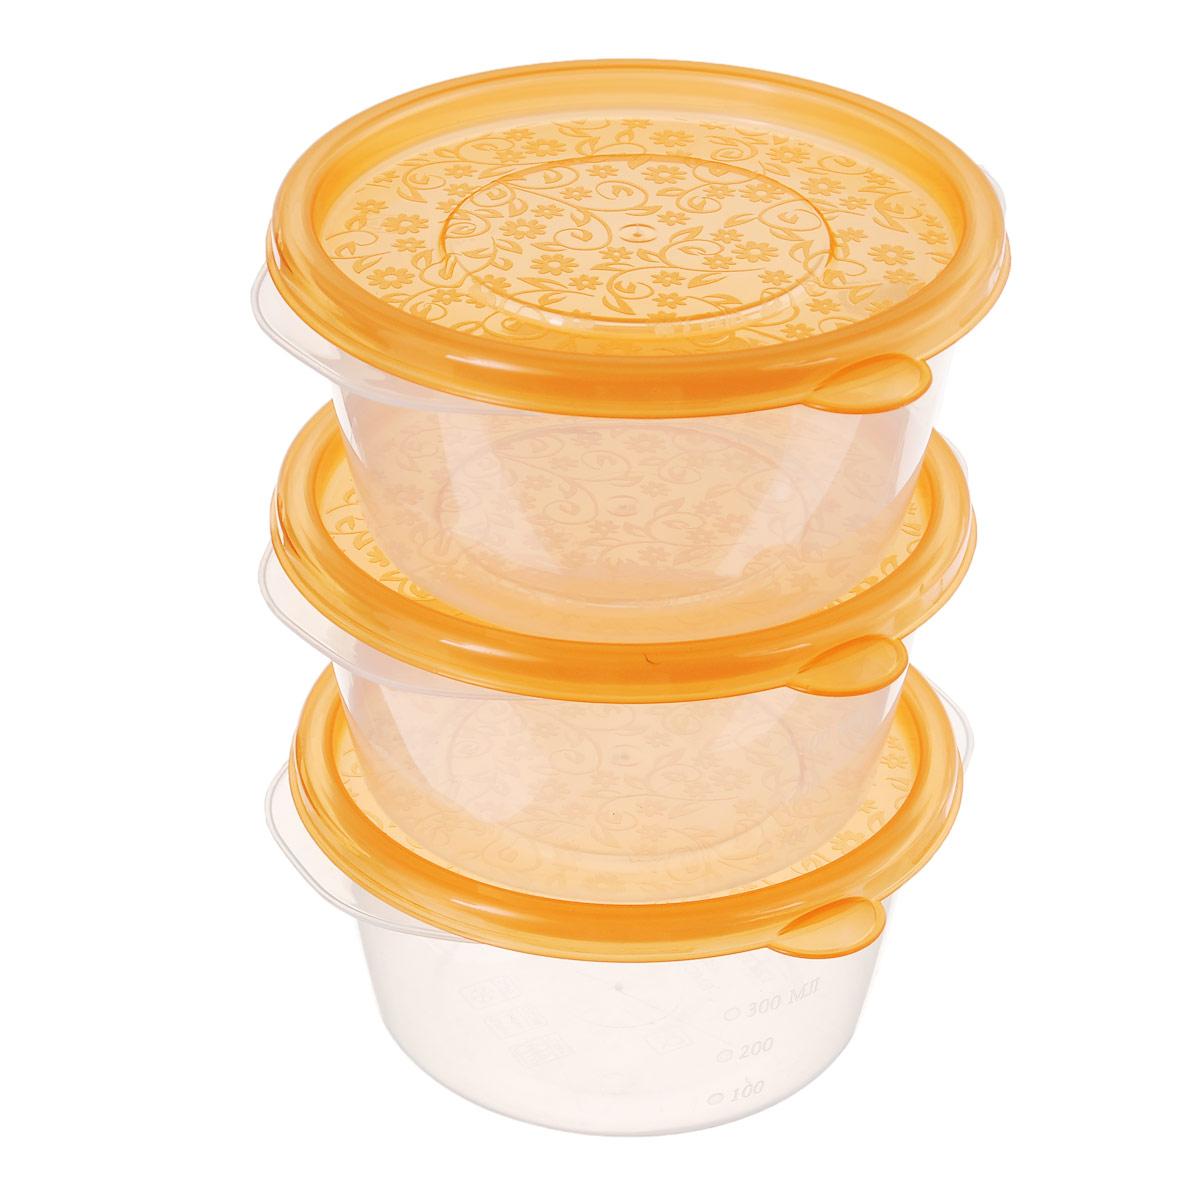 Набор контейнеров Phibo Арт-Декор, 0,44 л, 3 штFA-5125 WhiteКонтейнеры Phibo Арт-Декор изготовлены из высококачественного полипропилена и не содержат Бисфенол А. Крышка легко и плотно закрывается, украшена узором в виде цветков. Контейнер устойчив к воздействию масел и жиров, легко моется.Подходит для использования в микроволновых печах при температуре до +100°С, выдерживает хранение в морозильной камере при температуре -24°С, его можно мыть в посудомоечной машине при температуре до +95°С.Комплектация: 3 шт.Объем контейнера: 0,44 л.